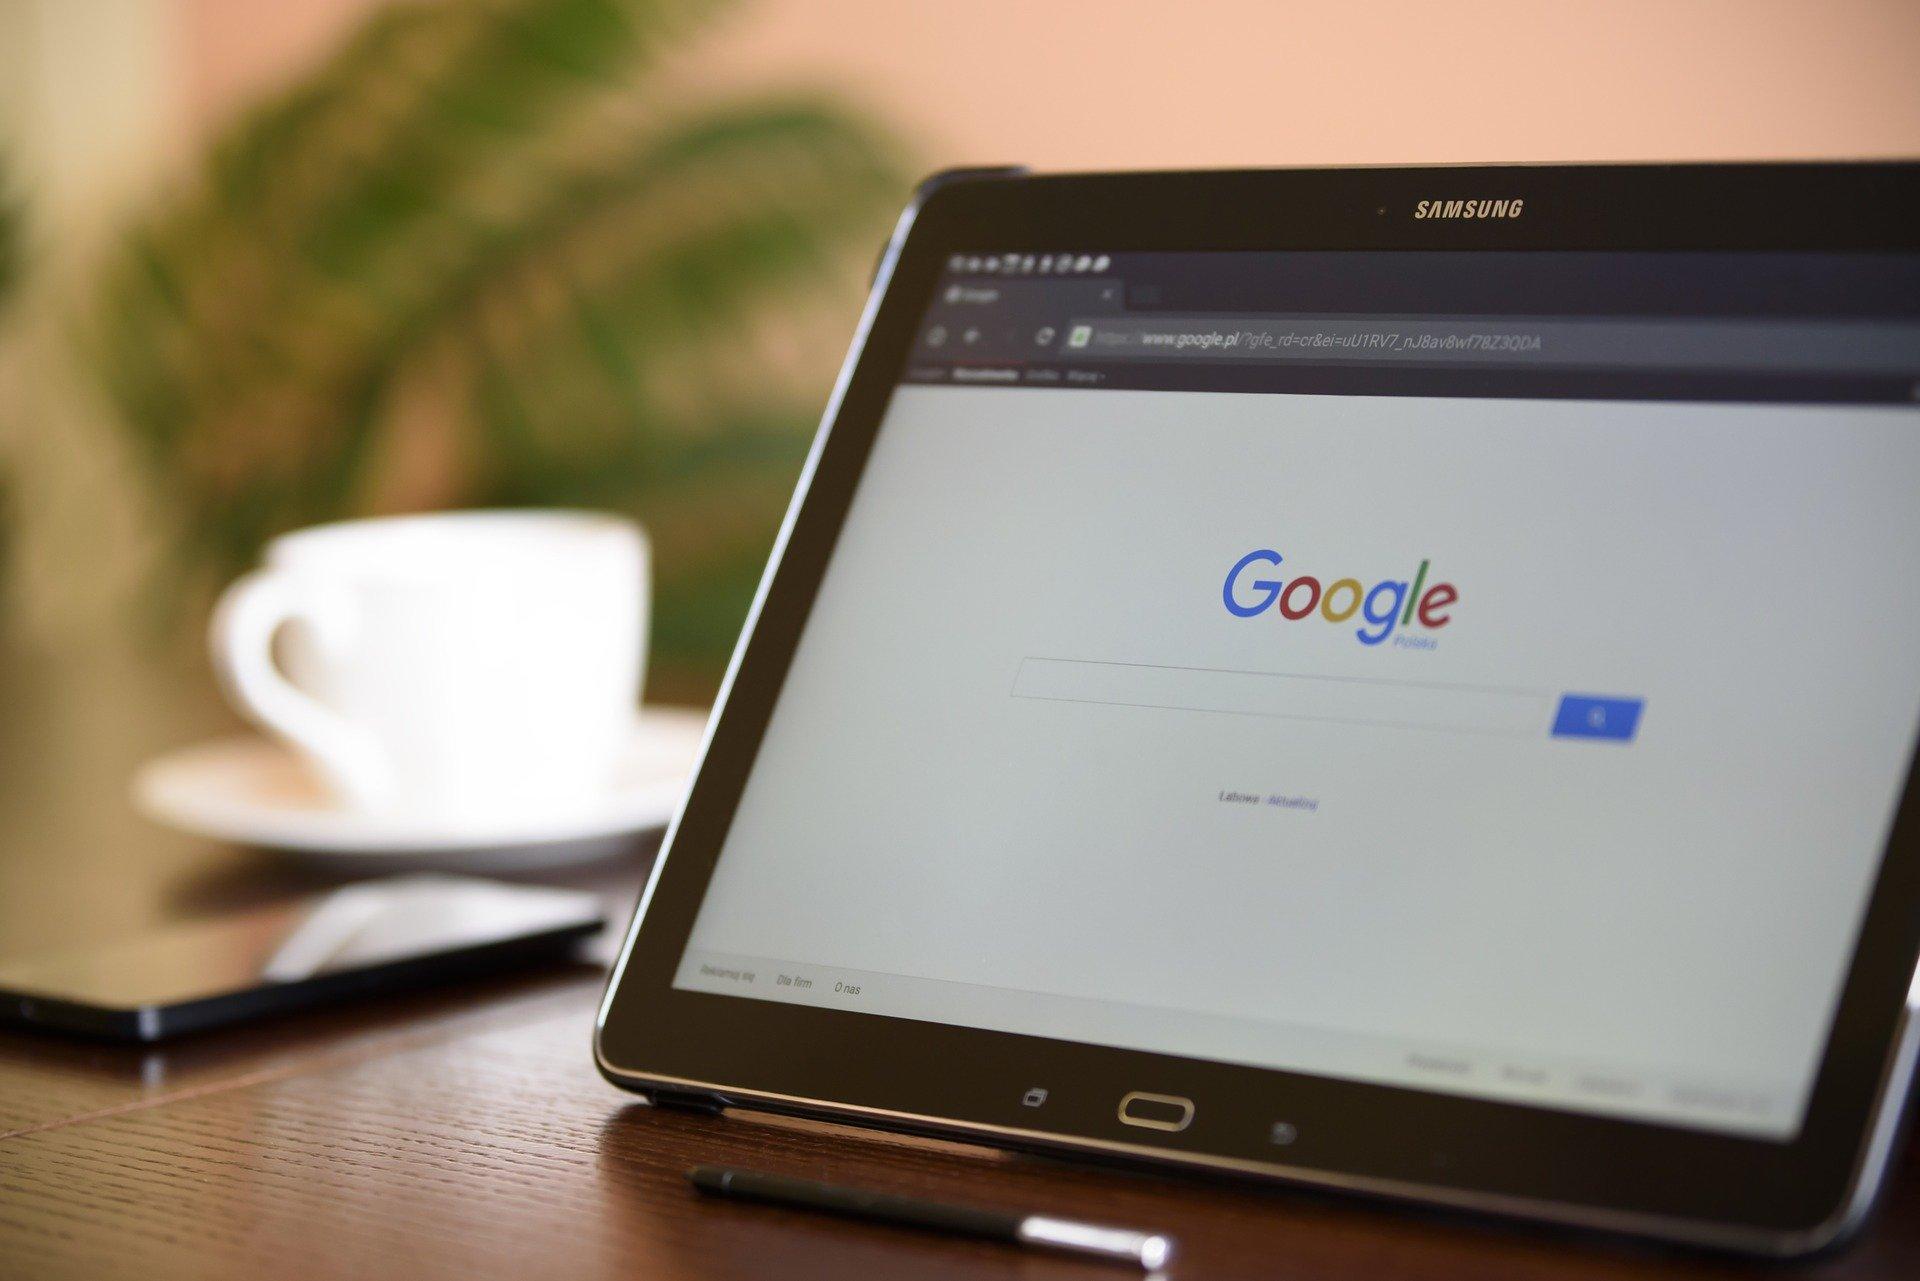 Kunden gewinnen über Google